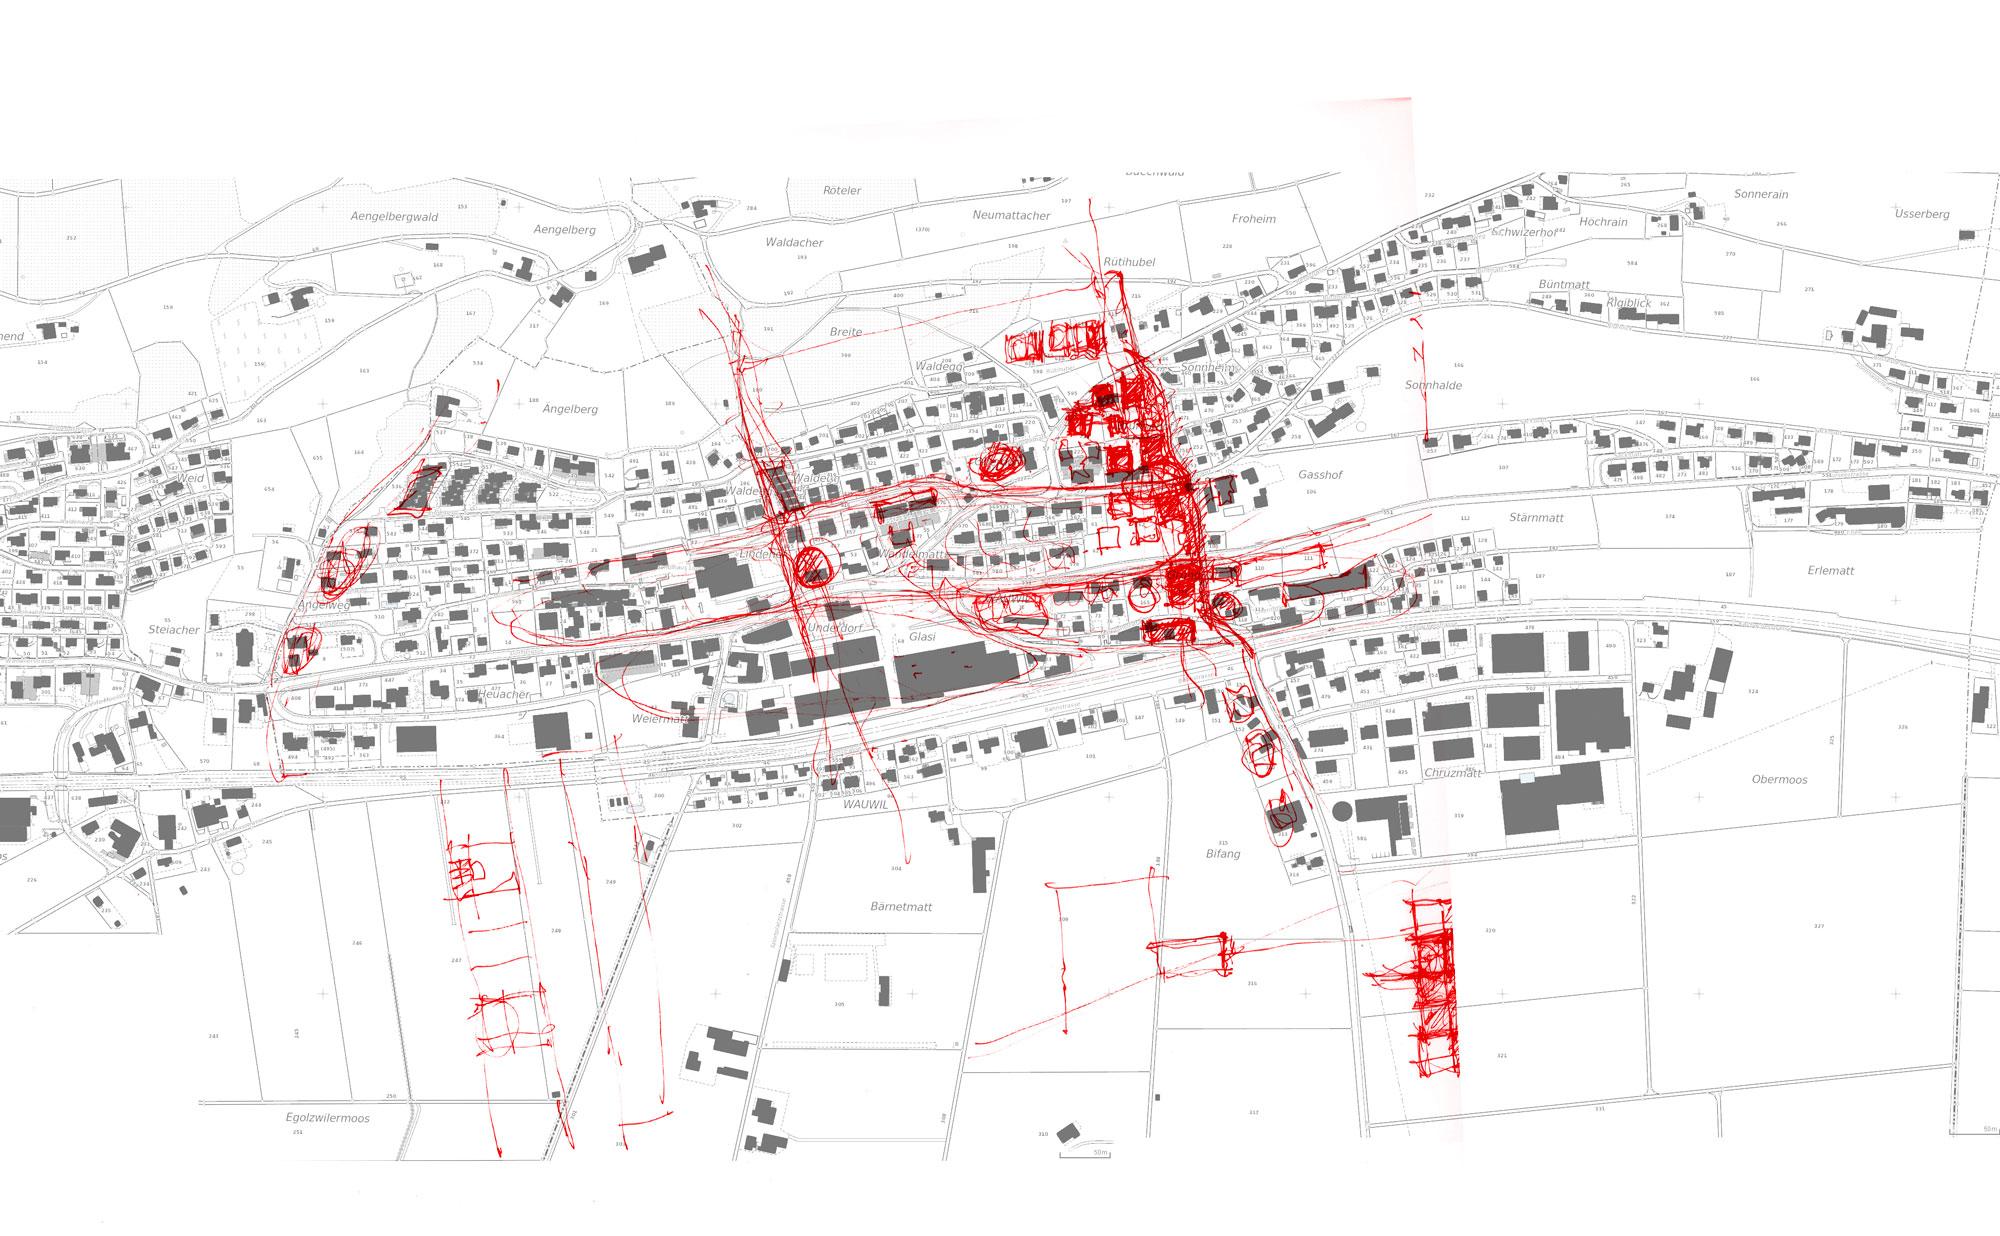 MAA_Murer_Andre_Architektur_Brunnehof_Situation_Skizze_005_web.jpg